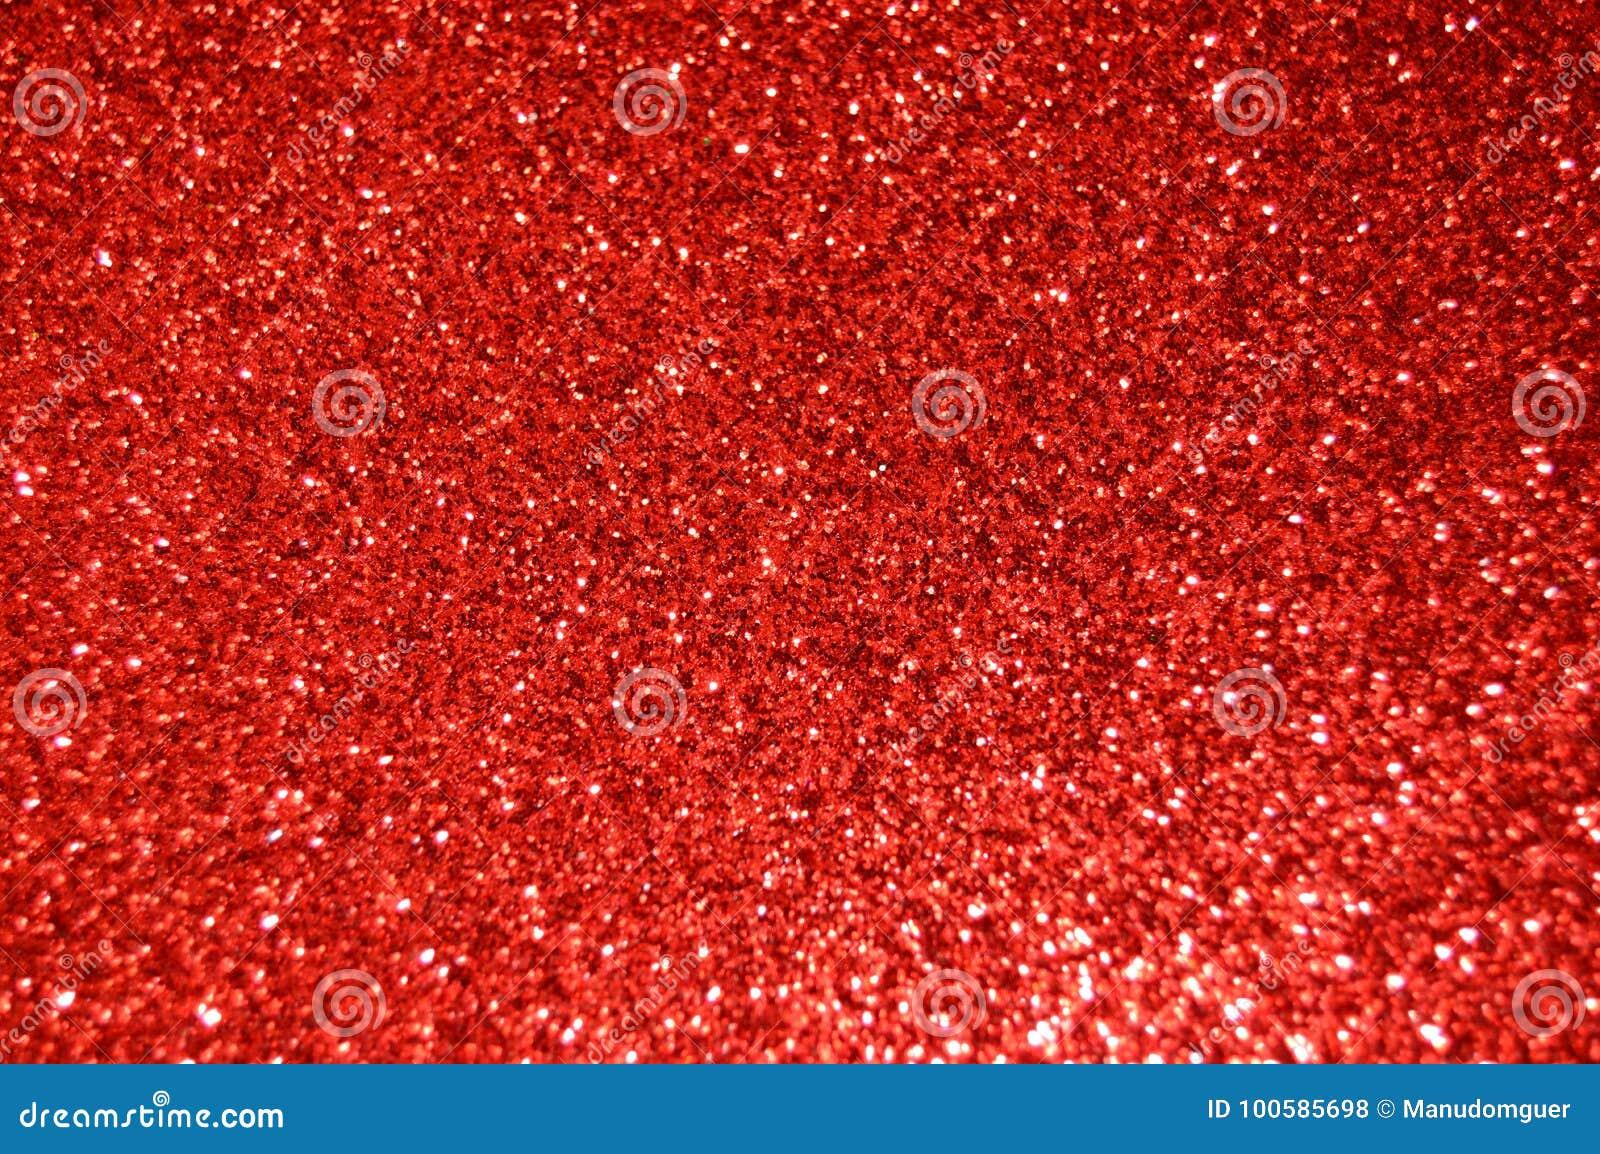 Fond rouge de scintillement Les vacances, le Noël, les valentines, la beauté et les clous soustraient la texture